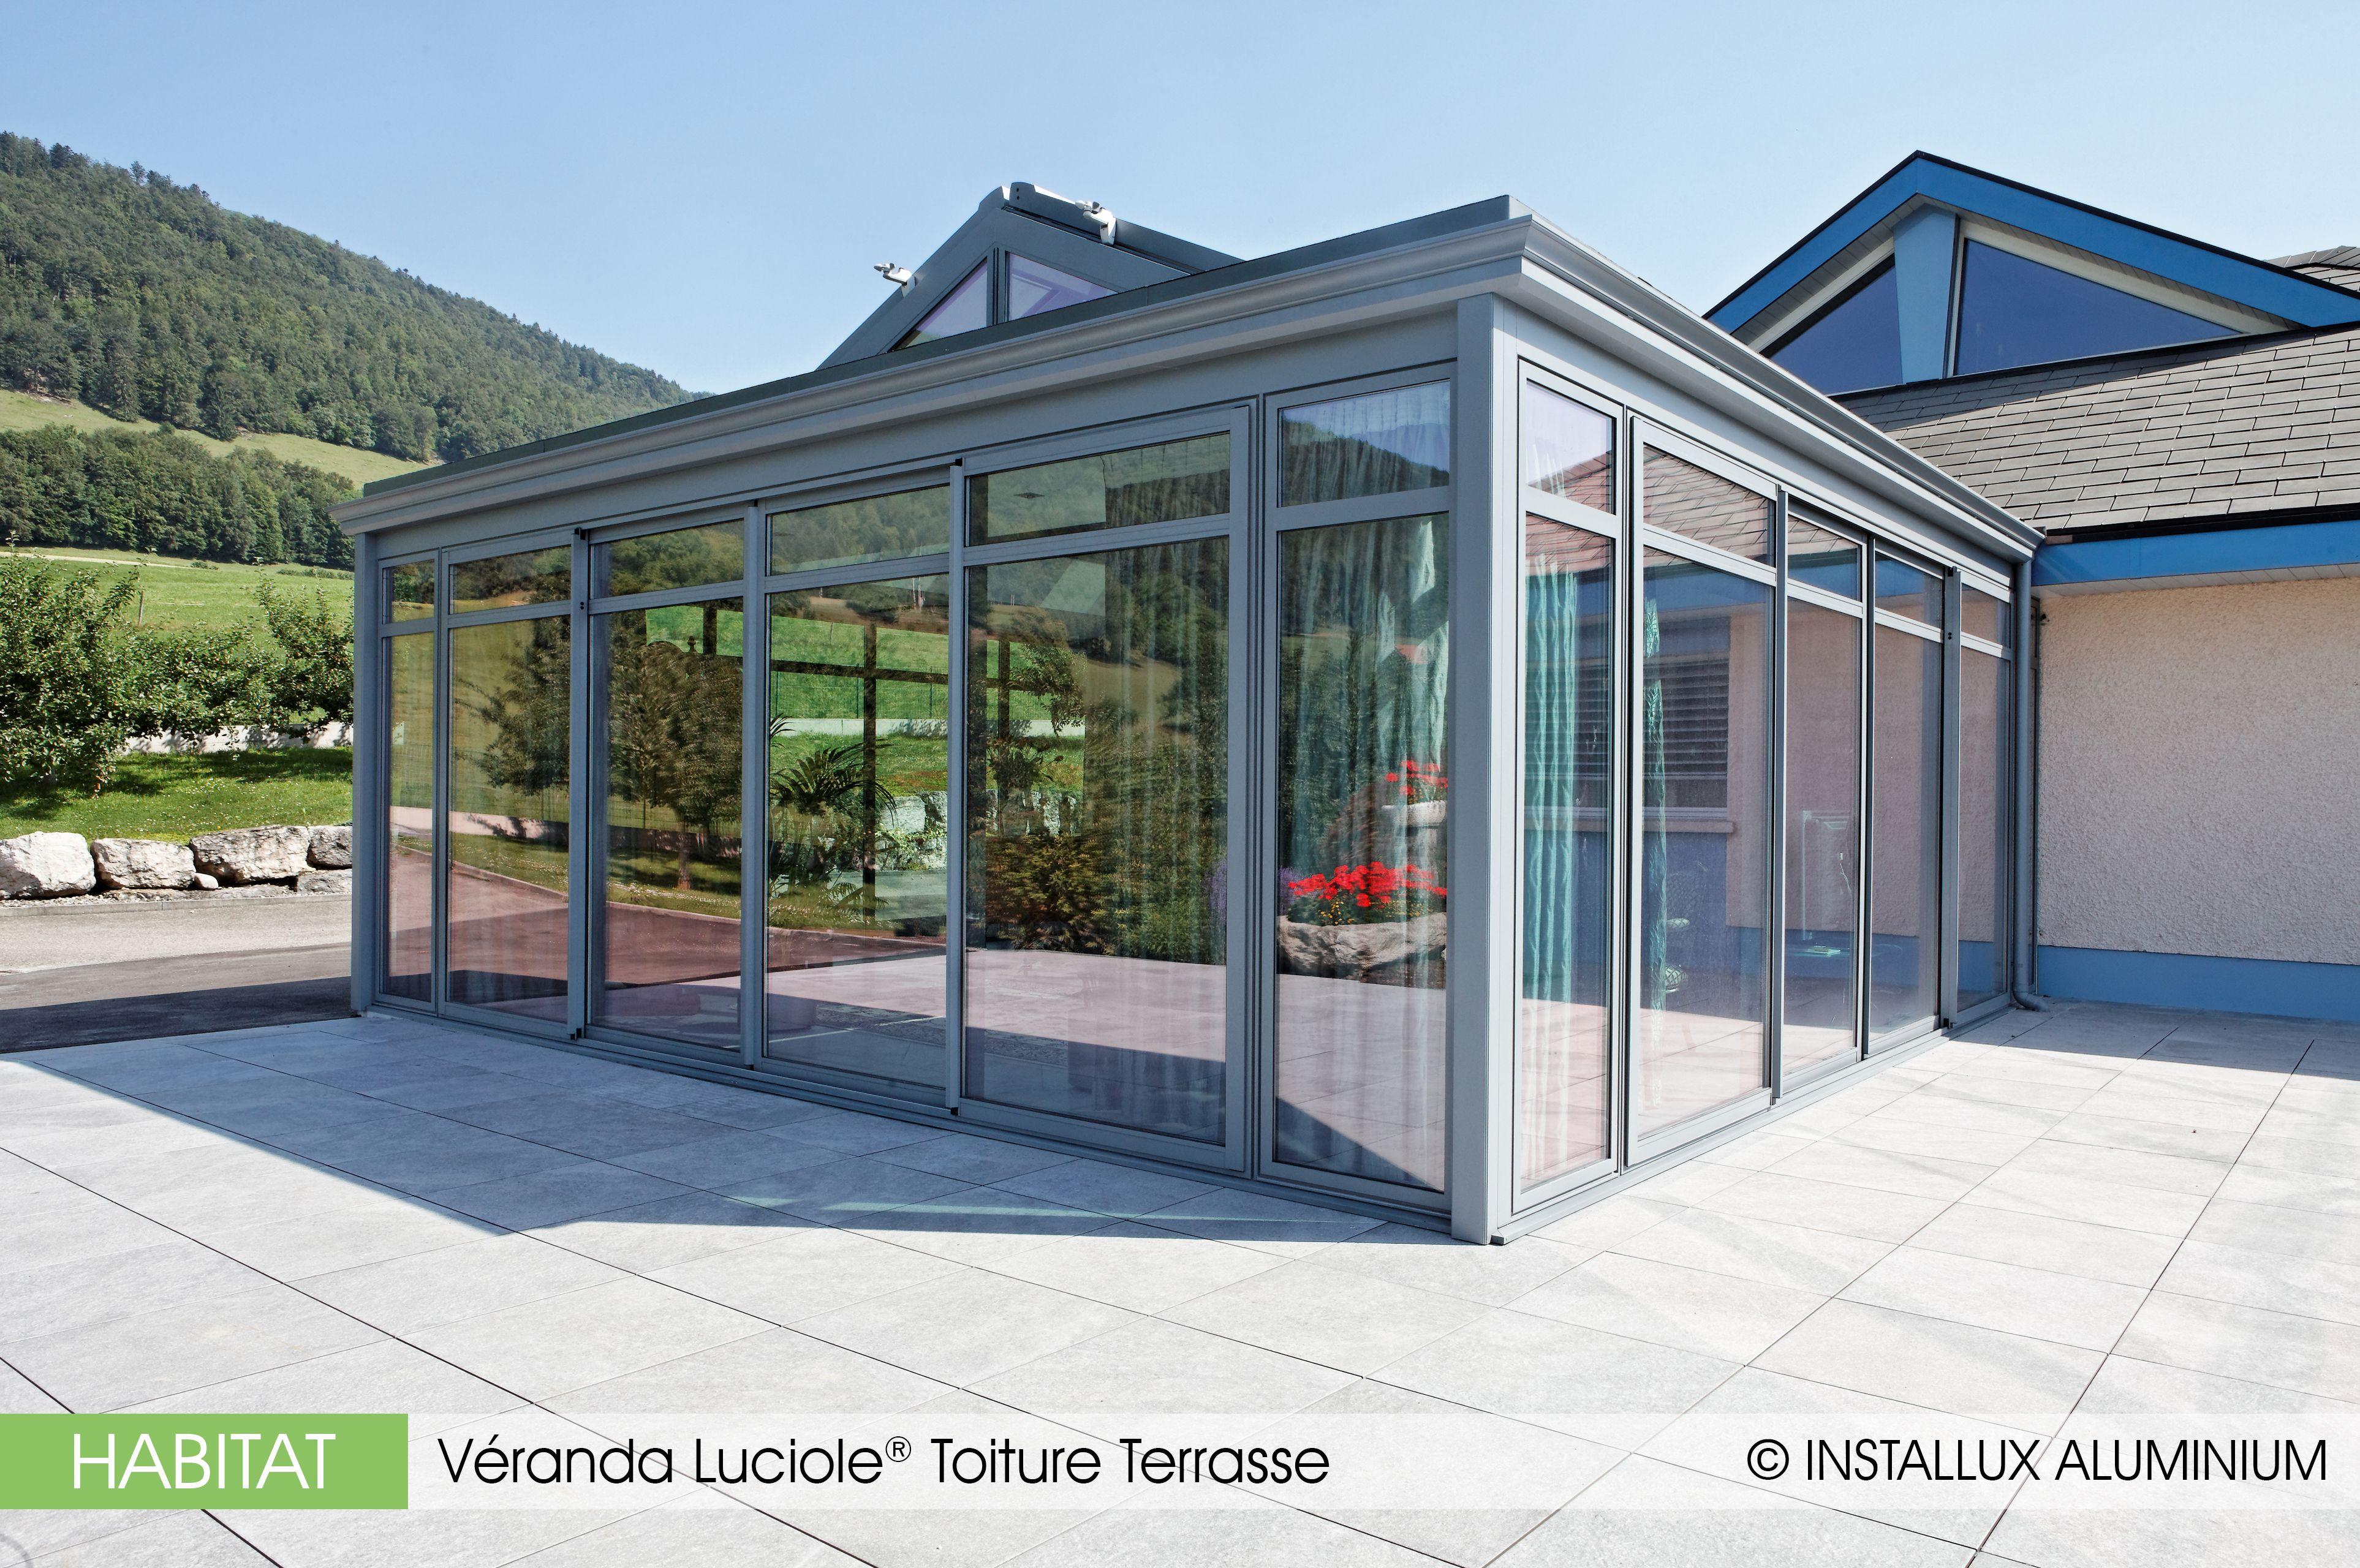 Le concept Luciole® Toiture Terrasse marie à la perfection la luminosité, l'ouverture et le confort thermique avec l'esthétique intérieure d'un véritable projet d'extension